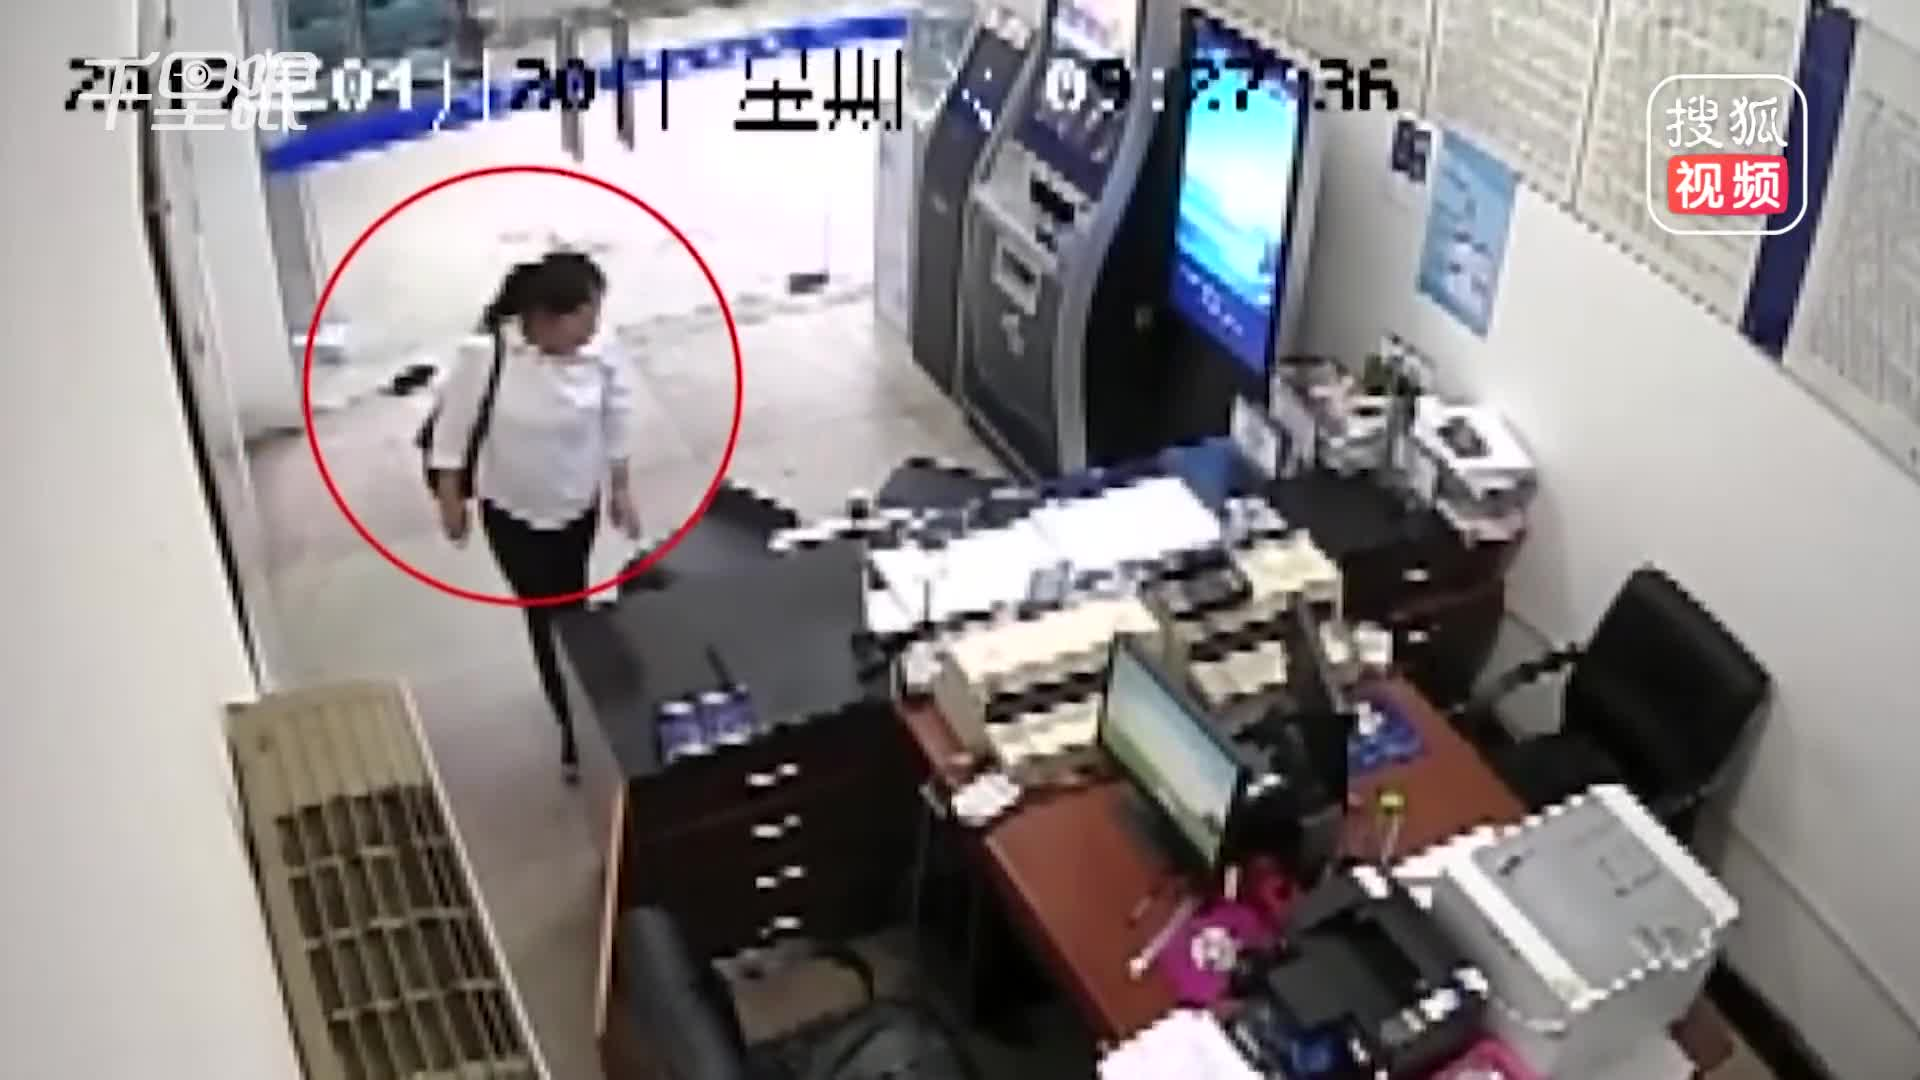 [视频]活久见!女子派出所内偷手机:我不拿别人也会拿的